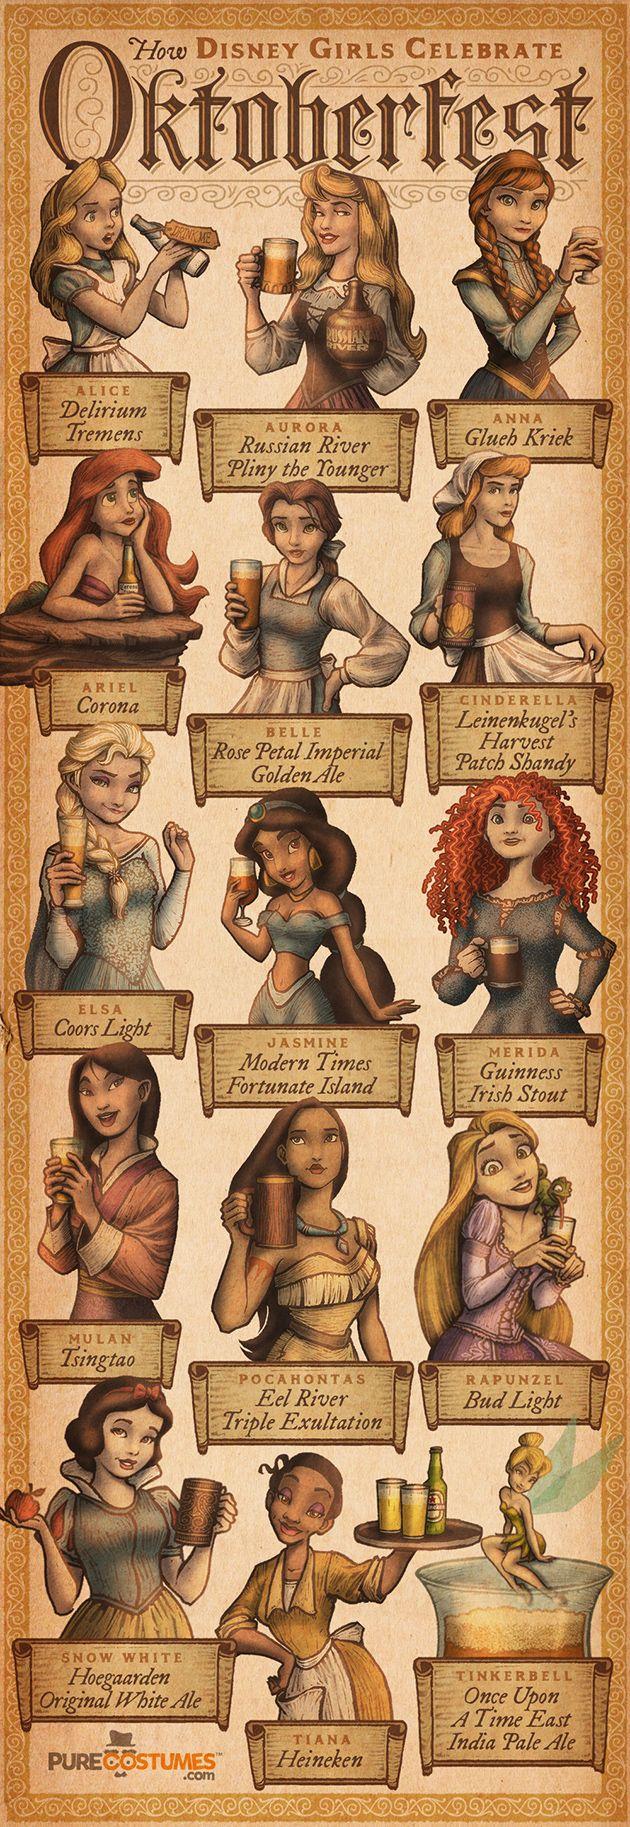 disney-girls-celebrate-oktoberfest-klonblog2